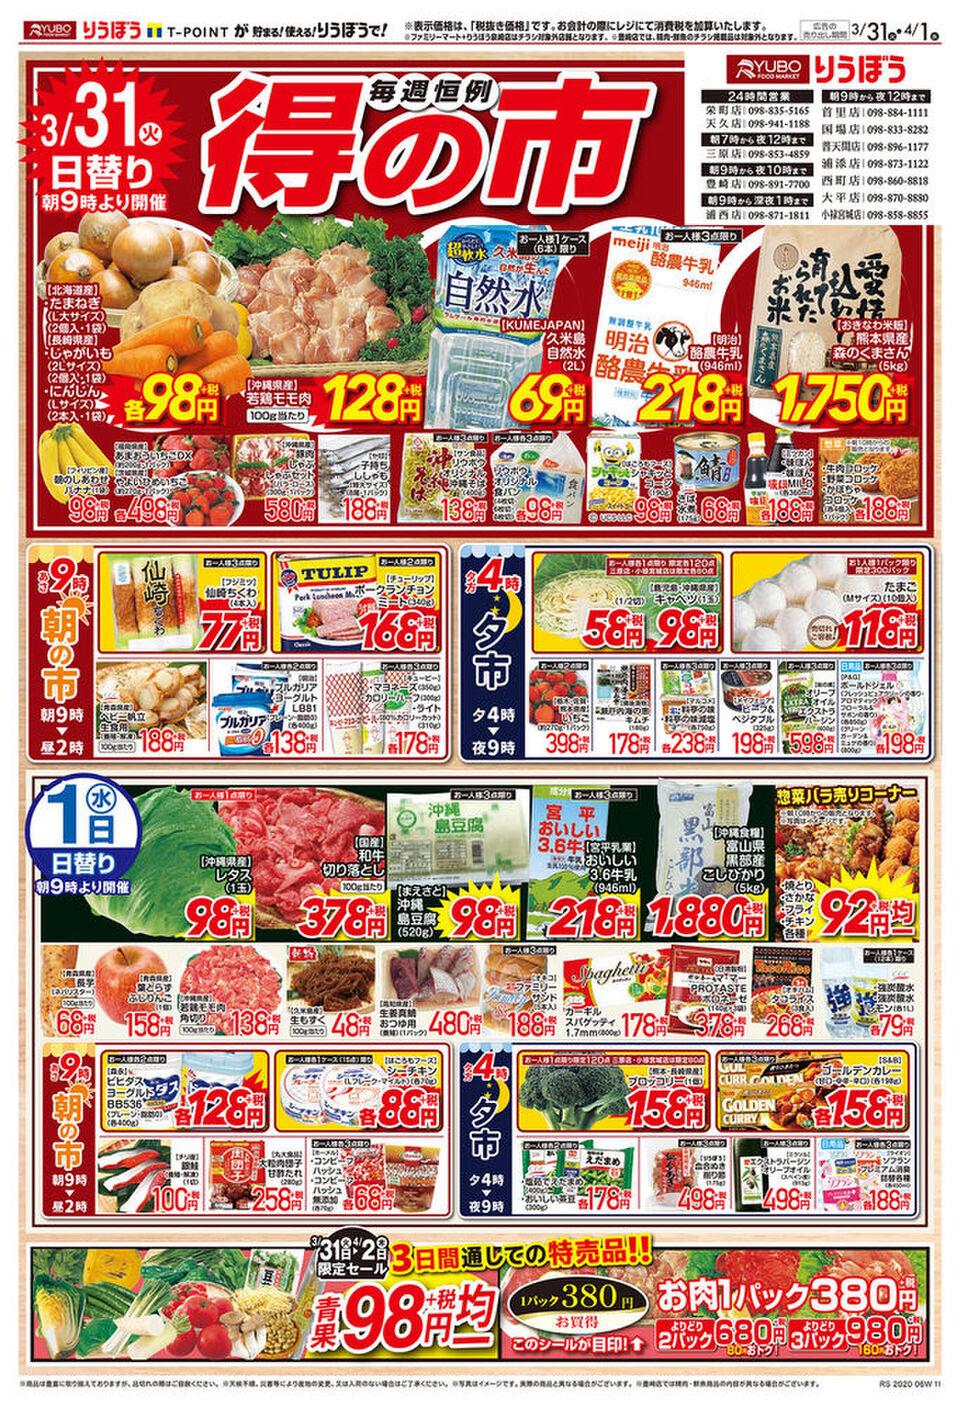 りうぼう全店舗のチラシ・特売情報